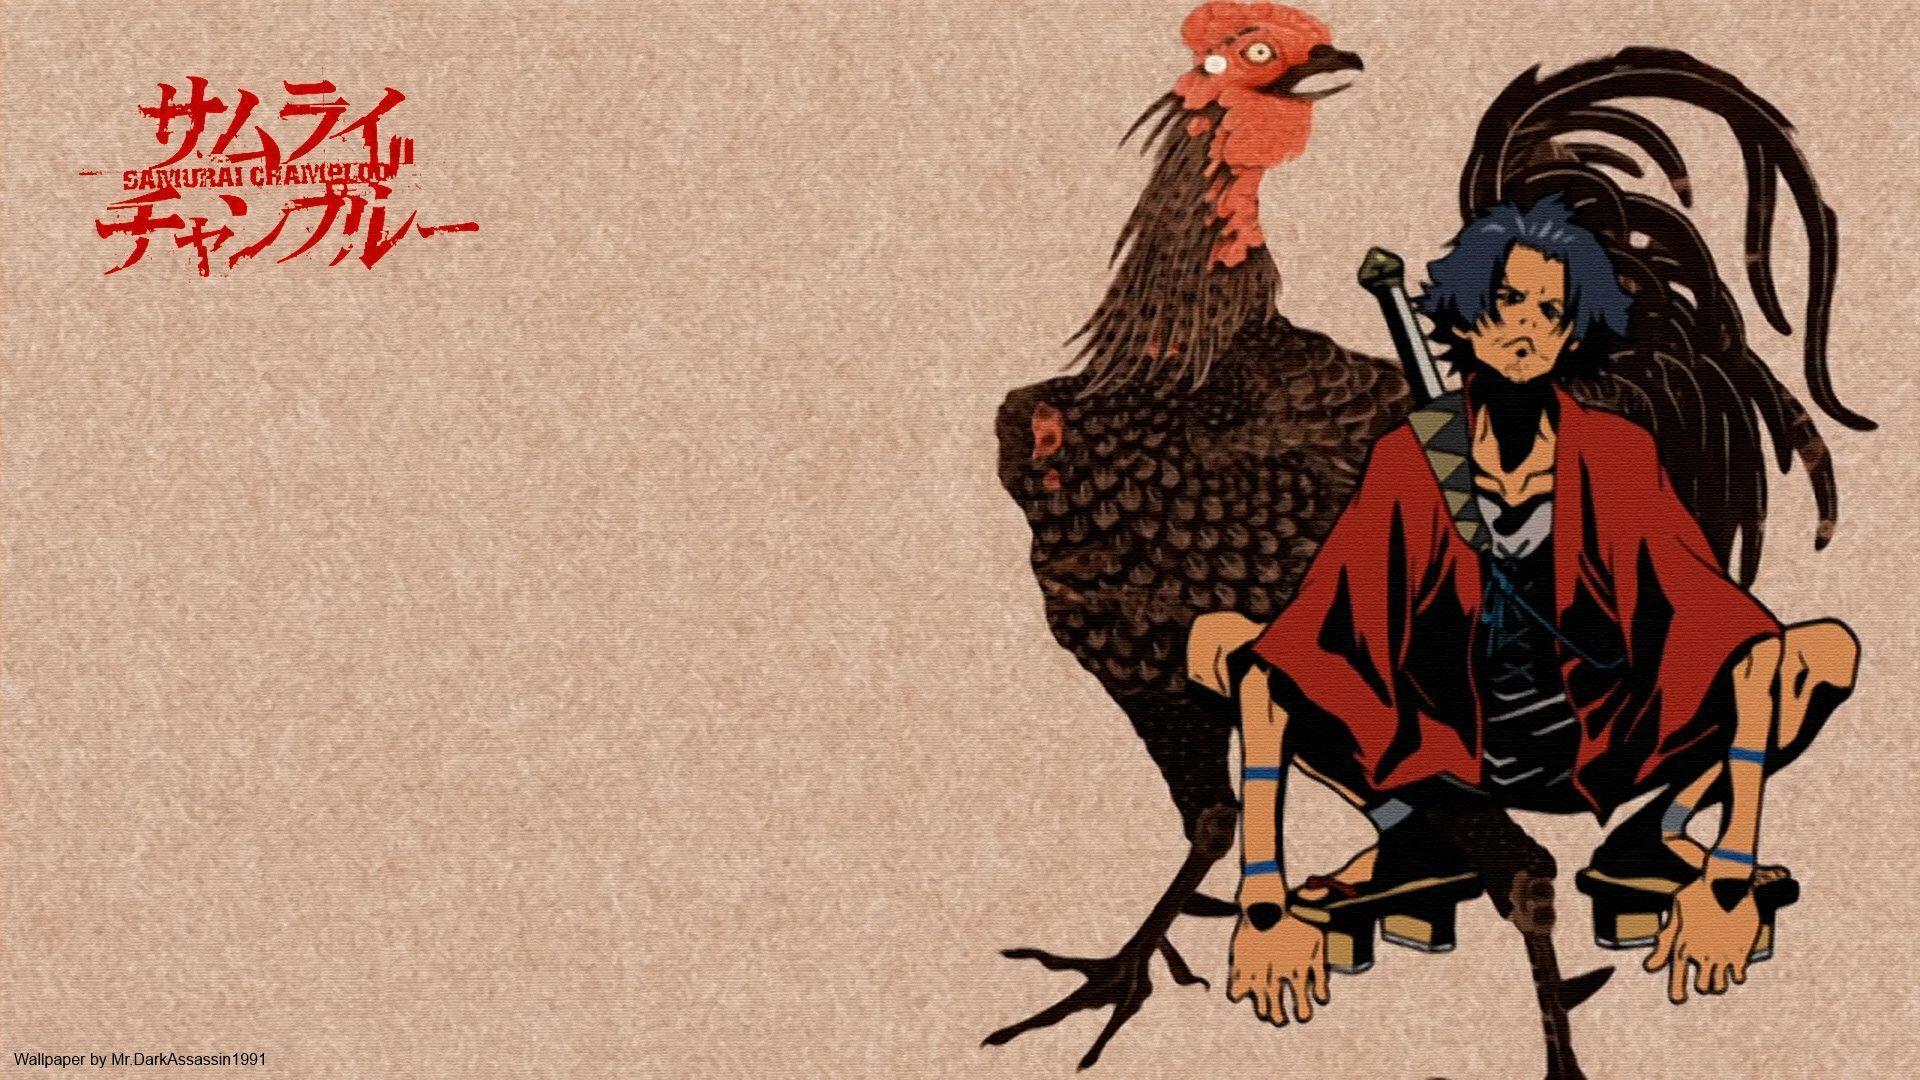 Samurai Champloo Mugen Wallpapers 1920x1080